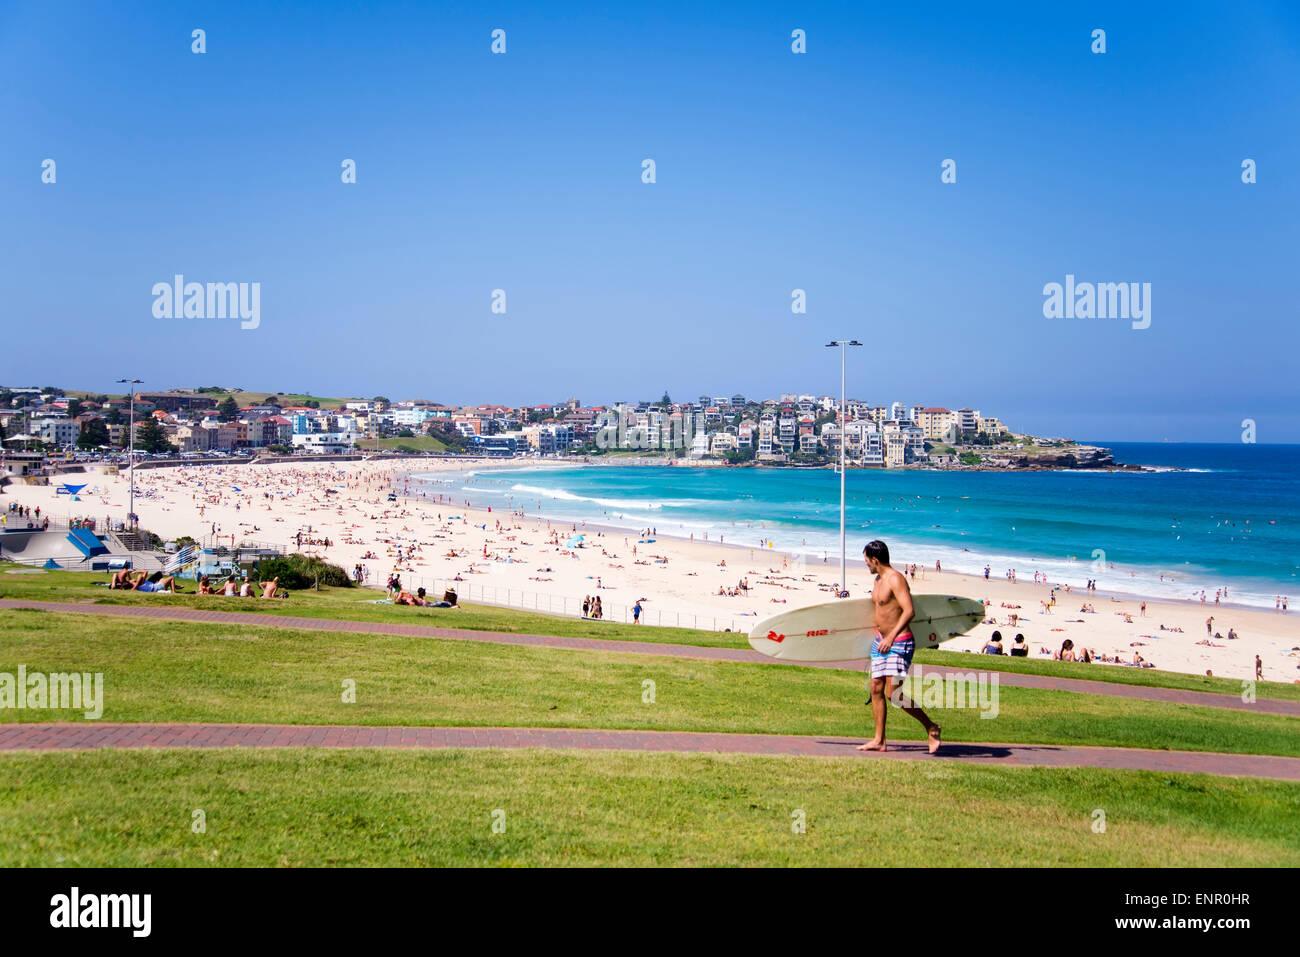 Personas no identificadas en Bondi Beach, Australia. Imagen De Stock